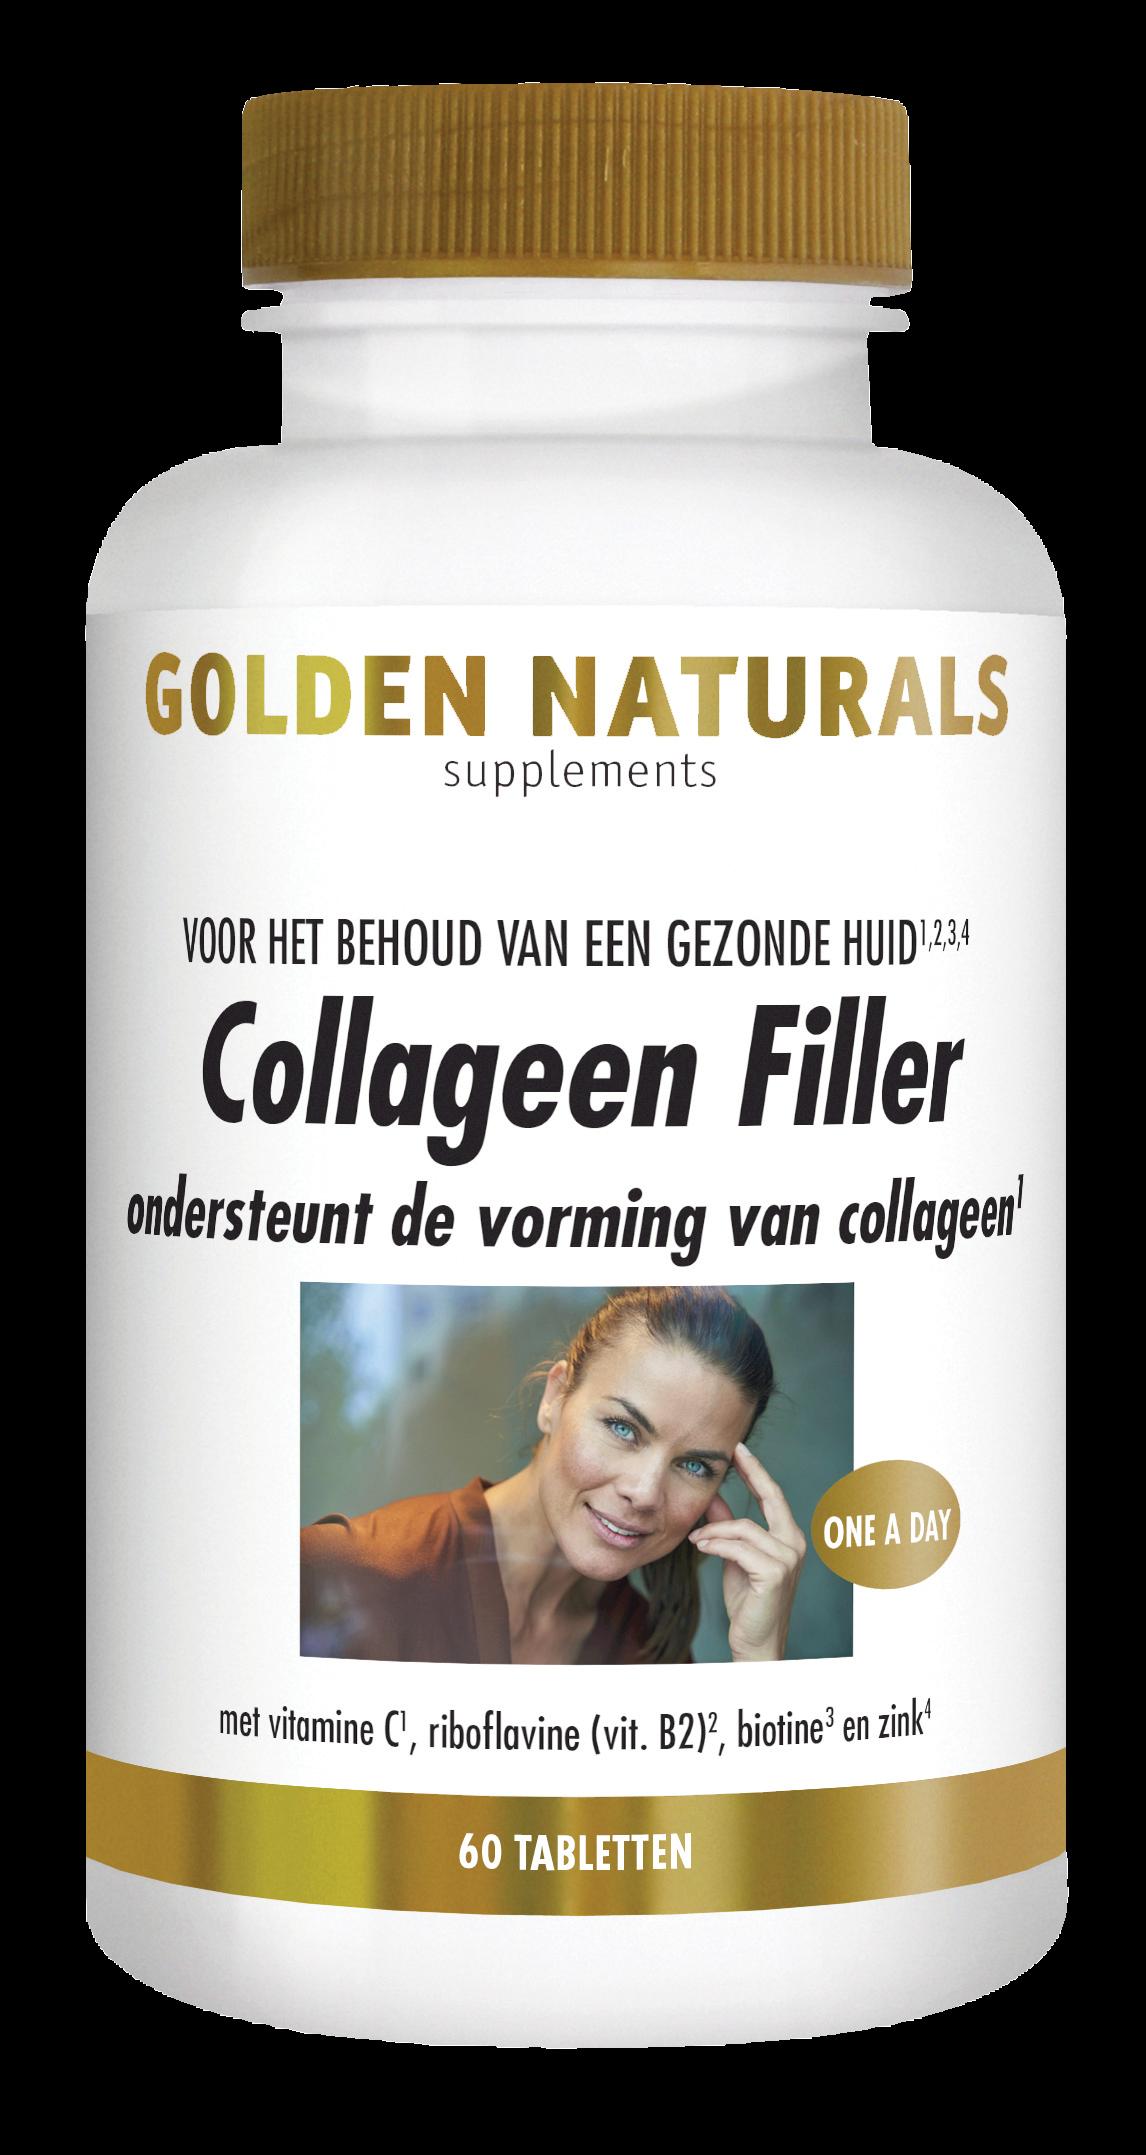 Golden Naturals Collageen Filler (60 tabletten)